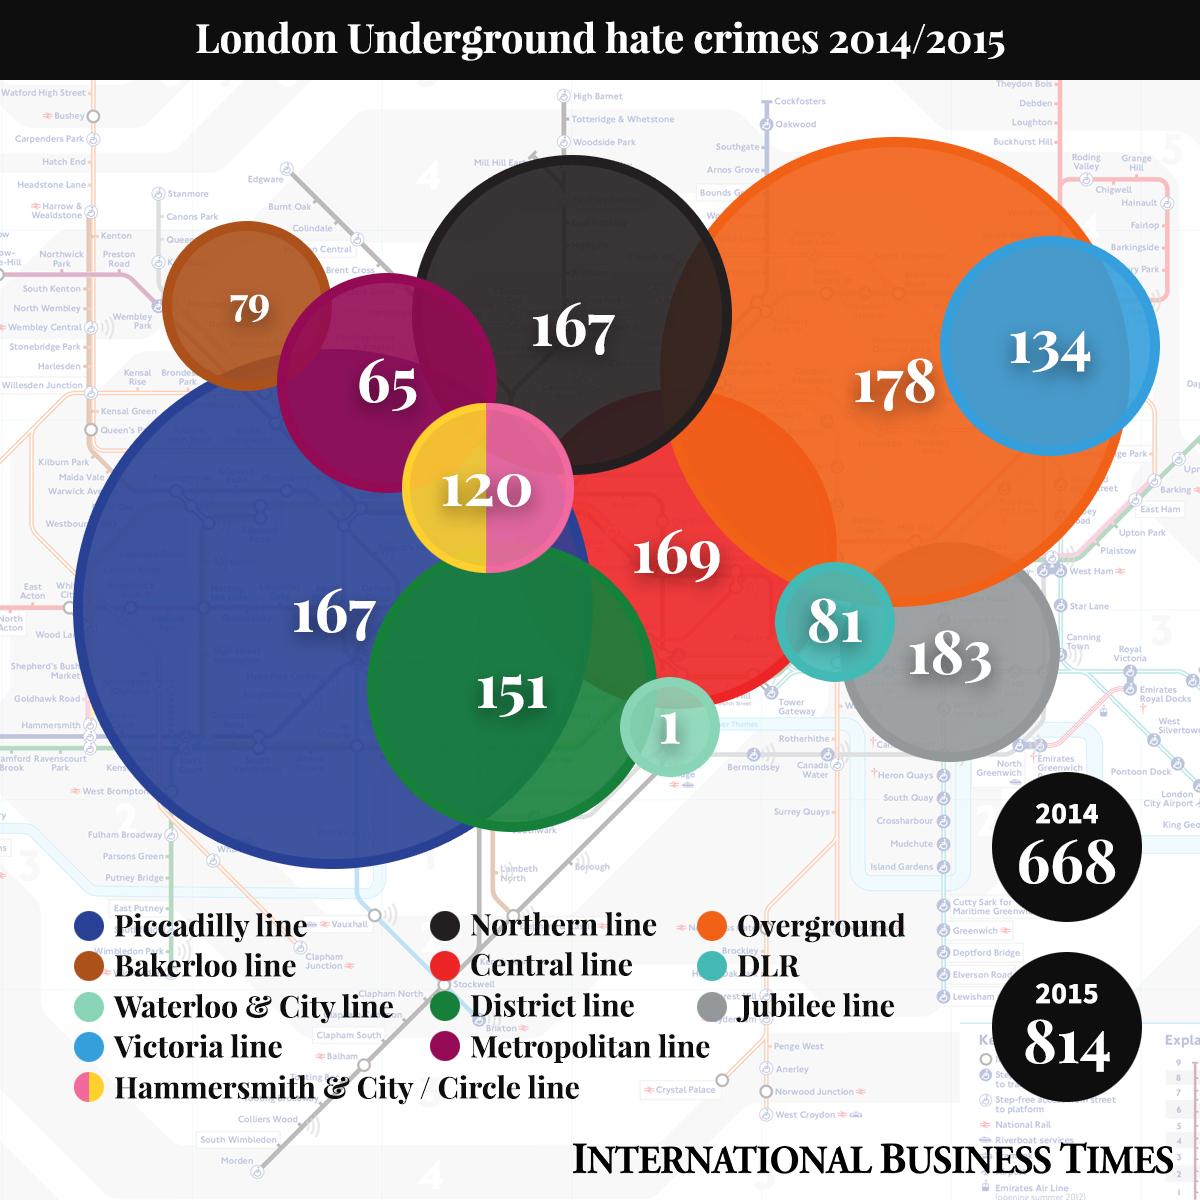 London underground hate crimes 2014/2015